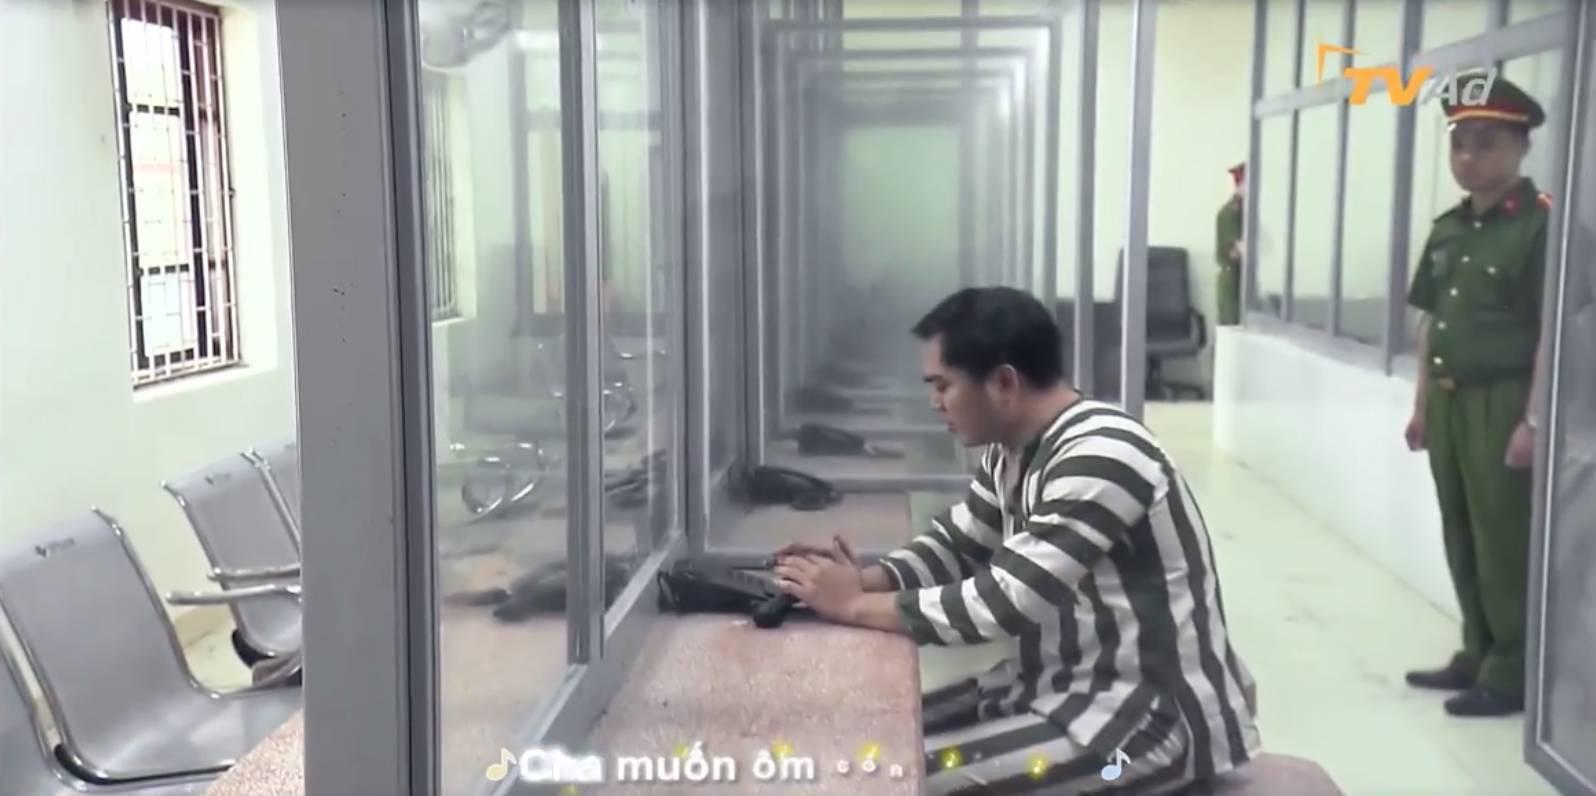 Hot: Hé lộ cảnh Khải Về nhà đi con đi tù, Huệ đến thăm nhưng vẫn phũ phàng-7